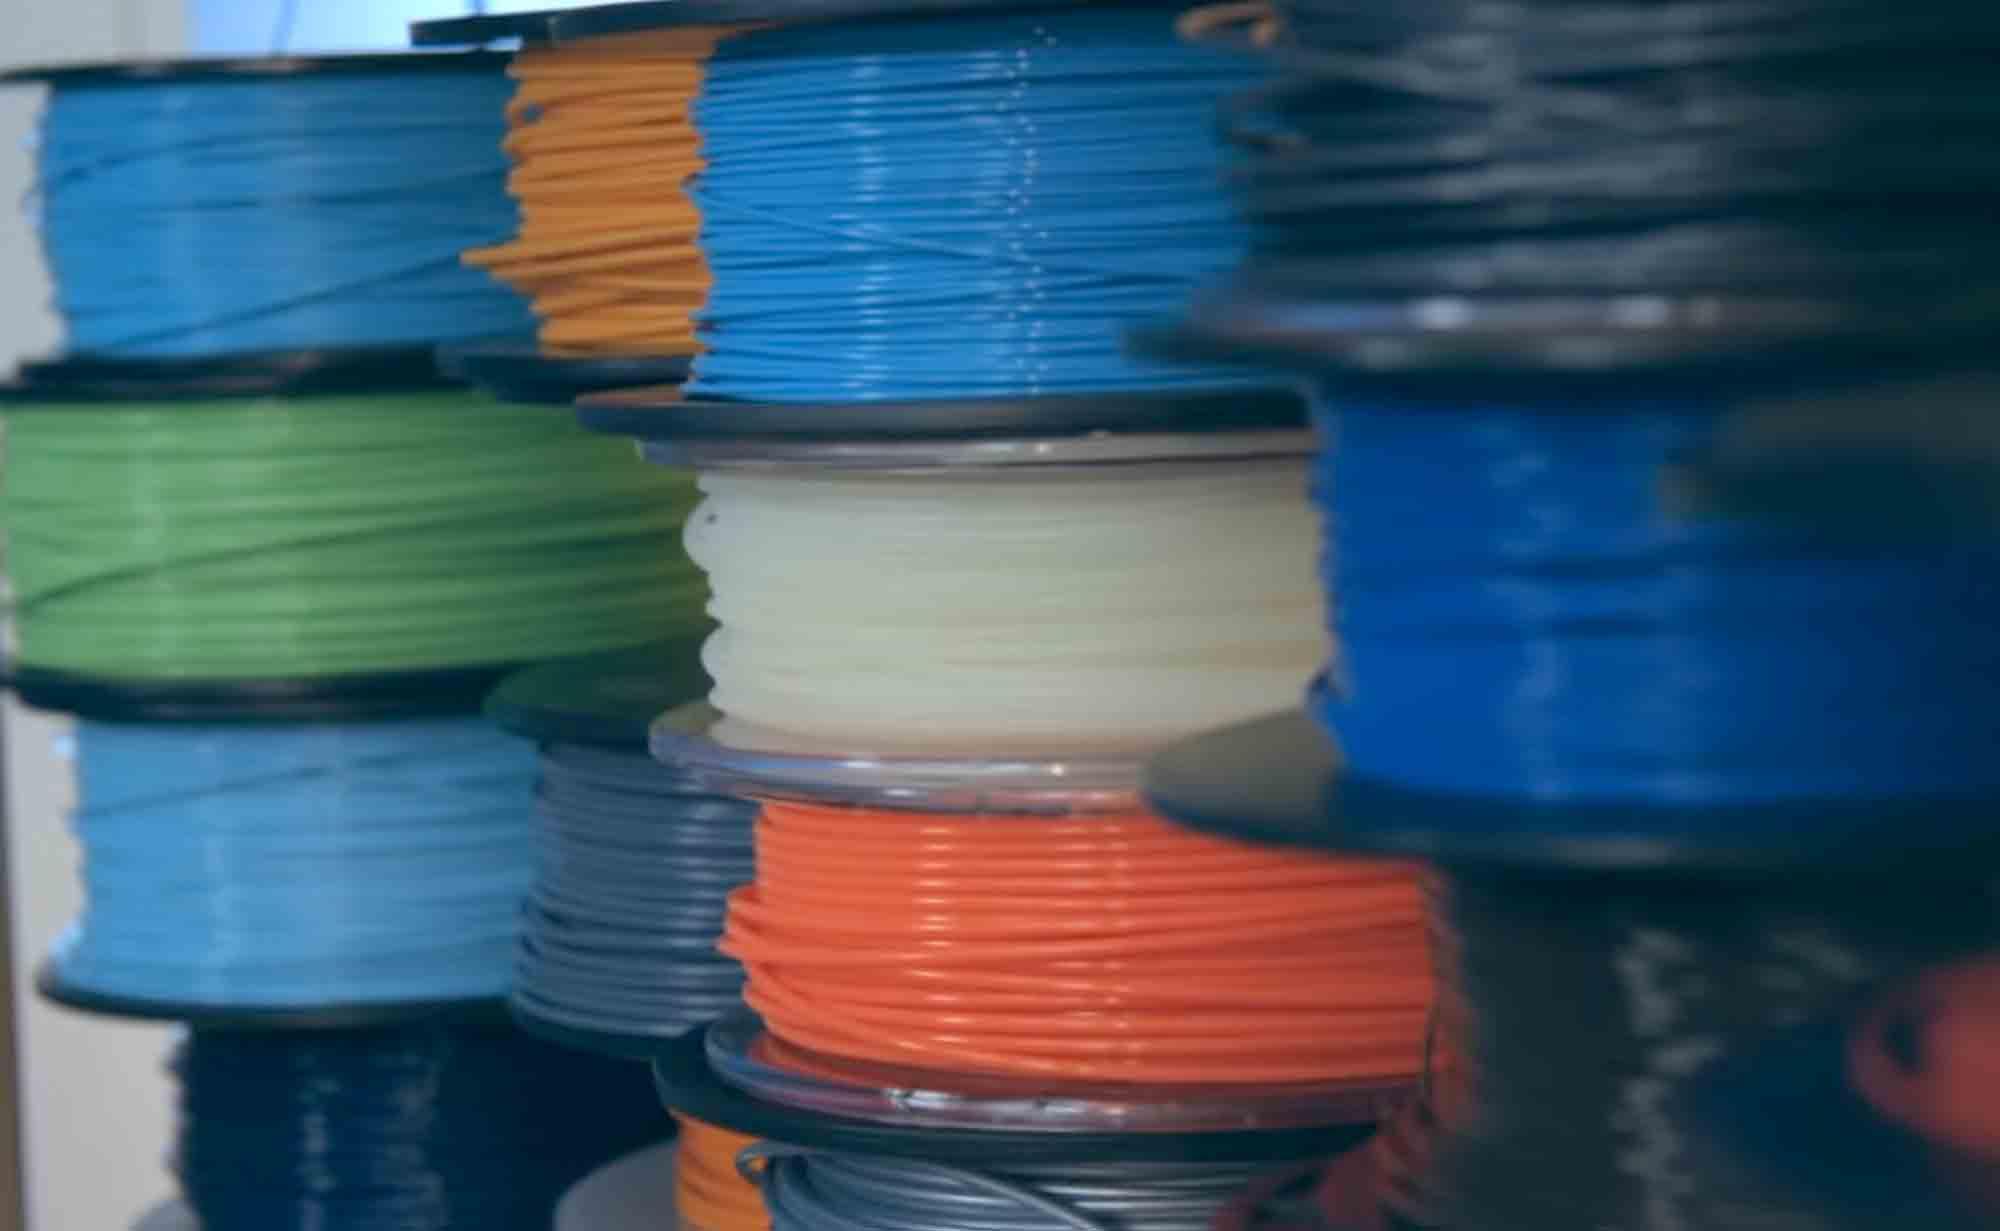 materiales para impresión 3d